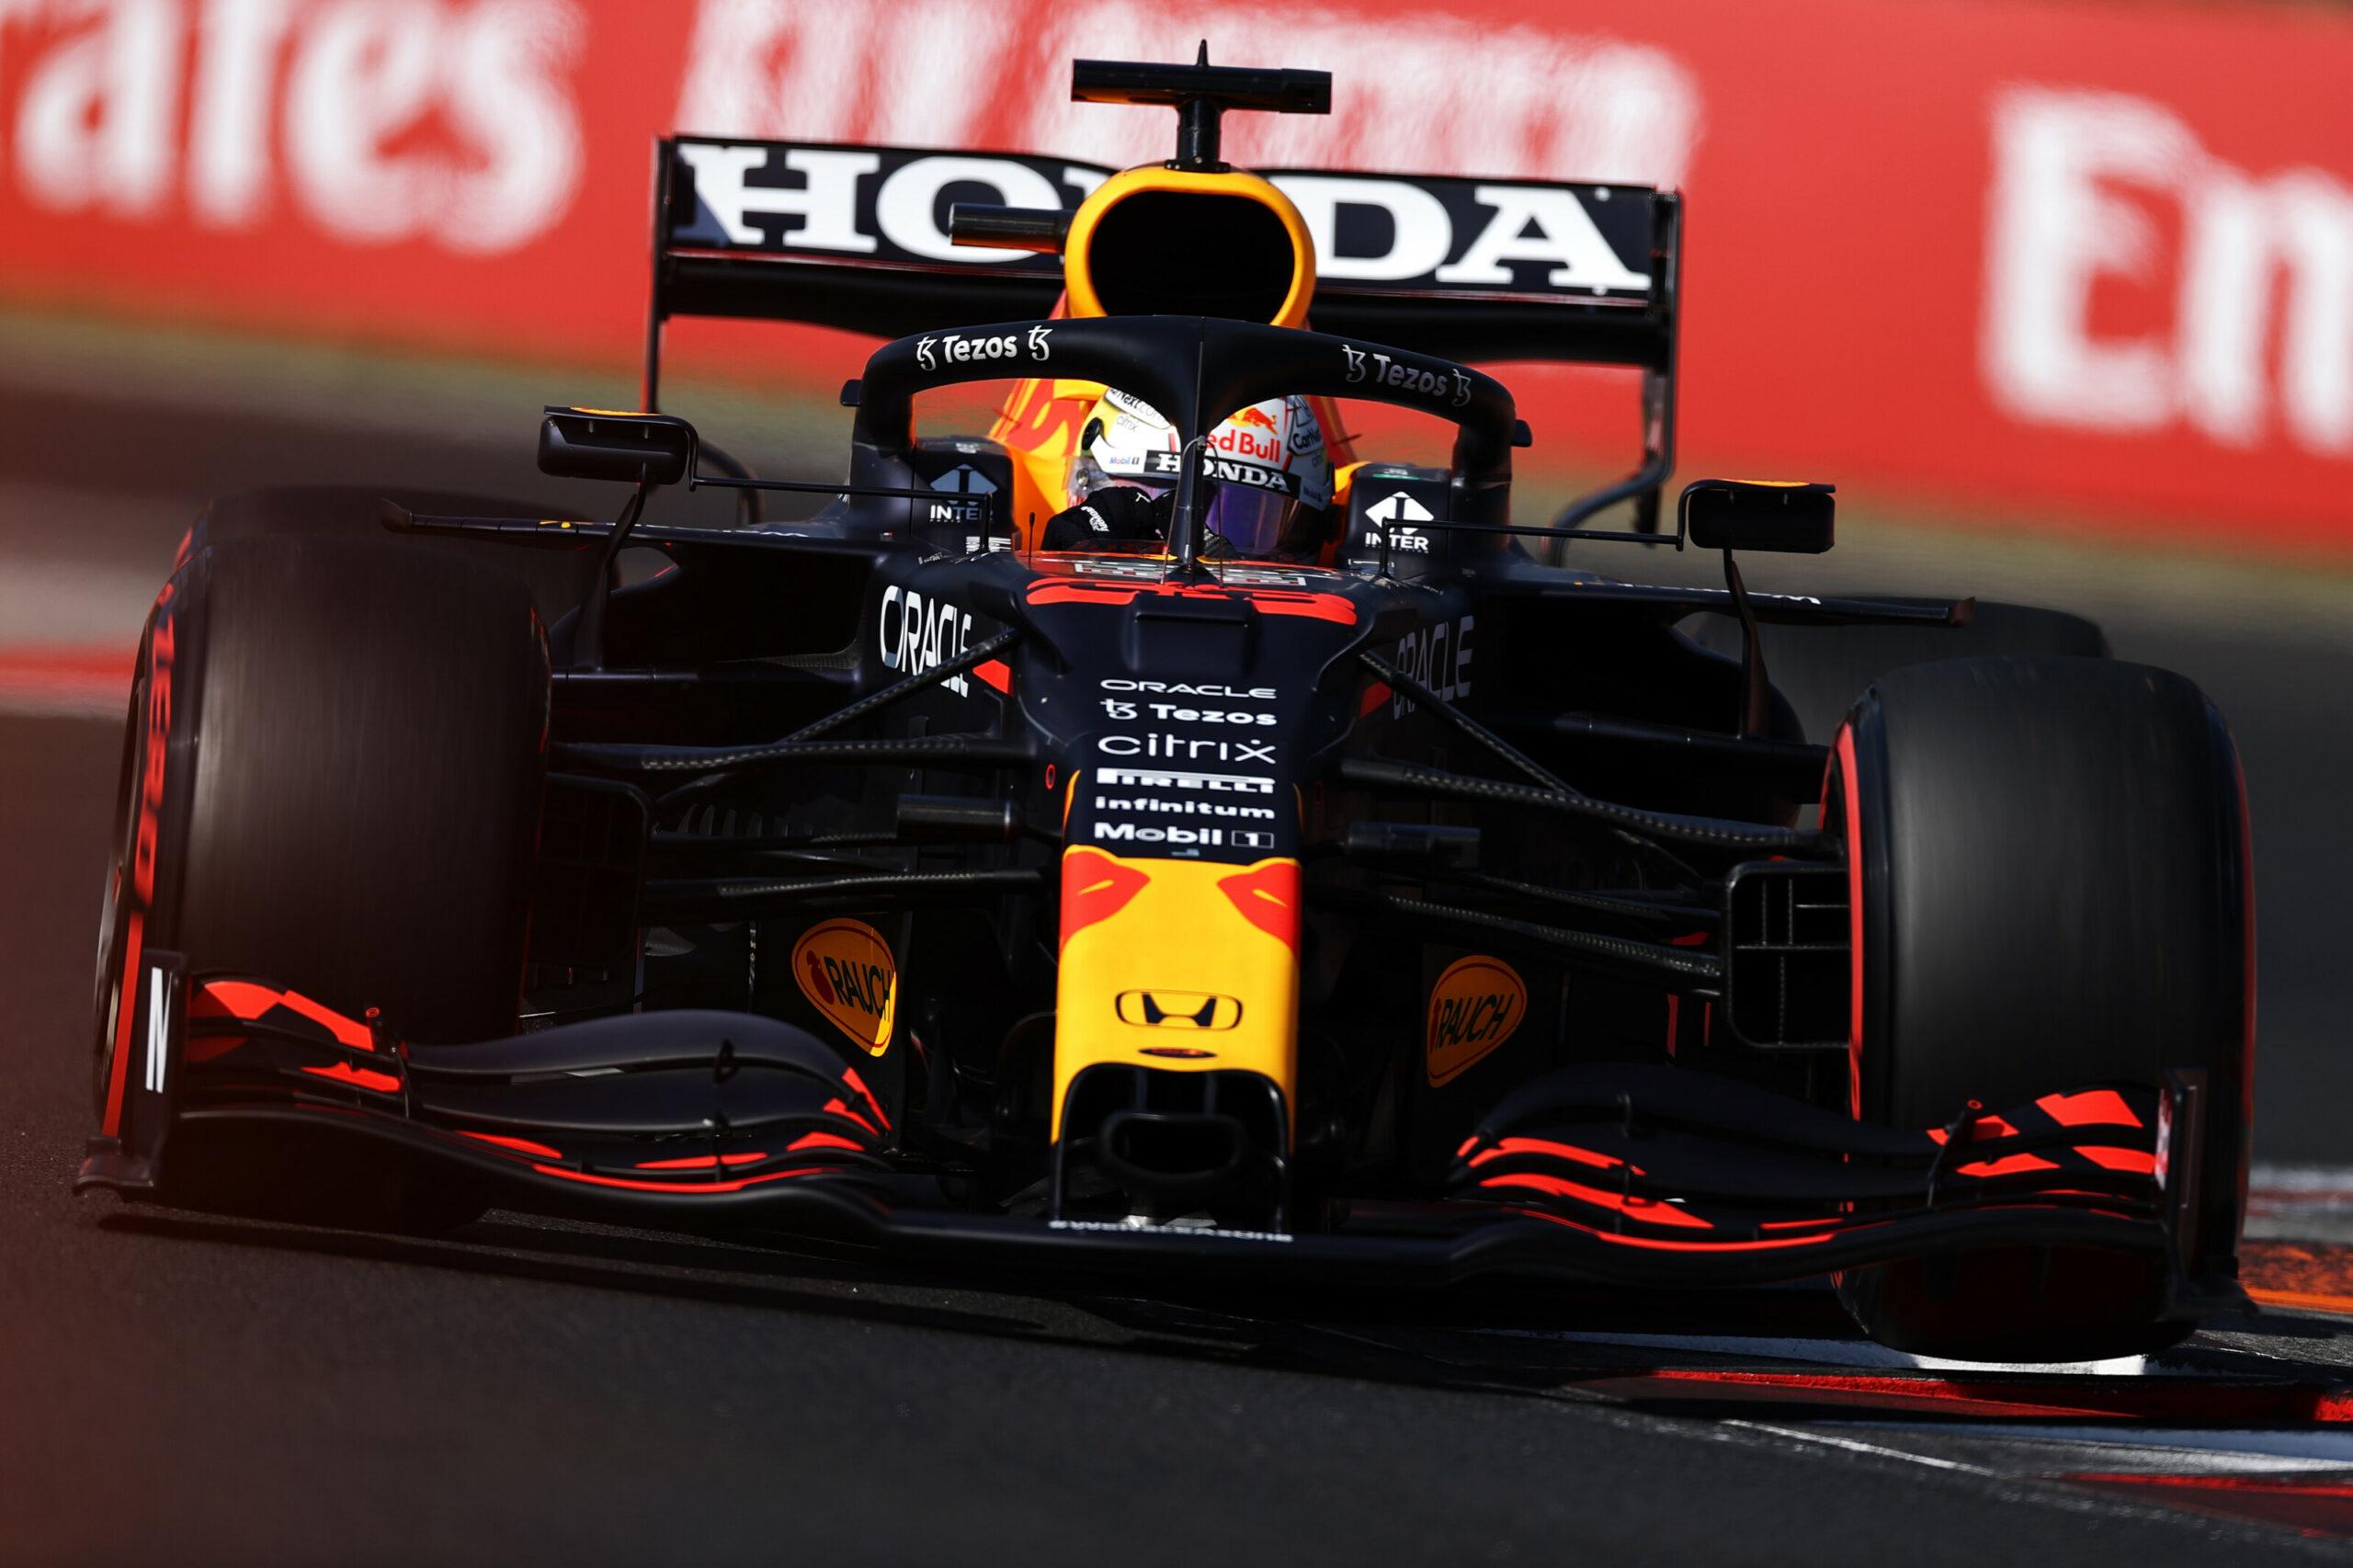 F1 - Les résultats définitifs du Grand Prix de Hongrie 2021